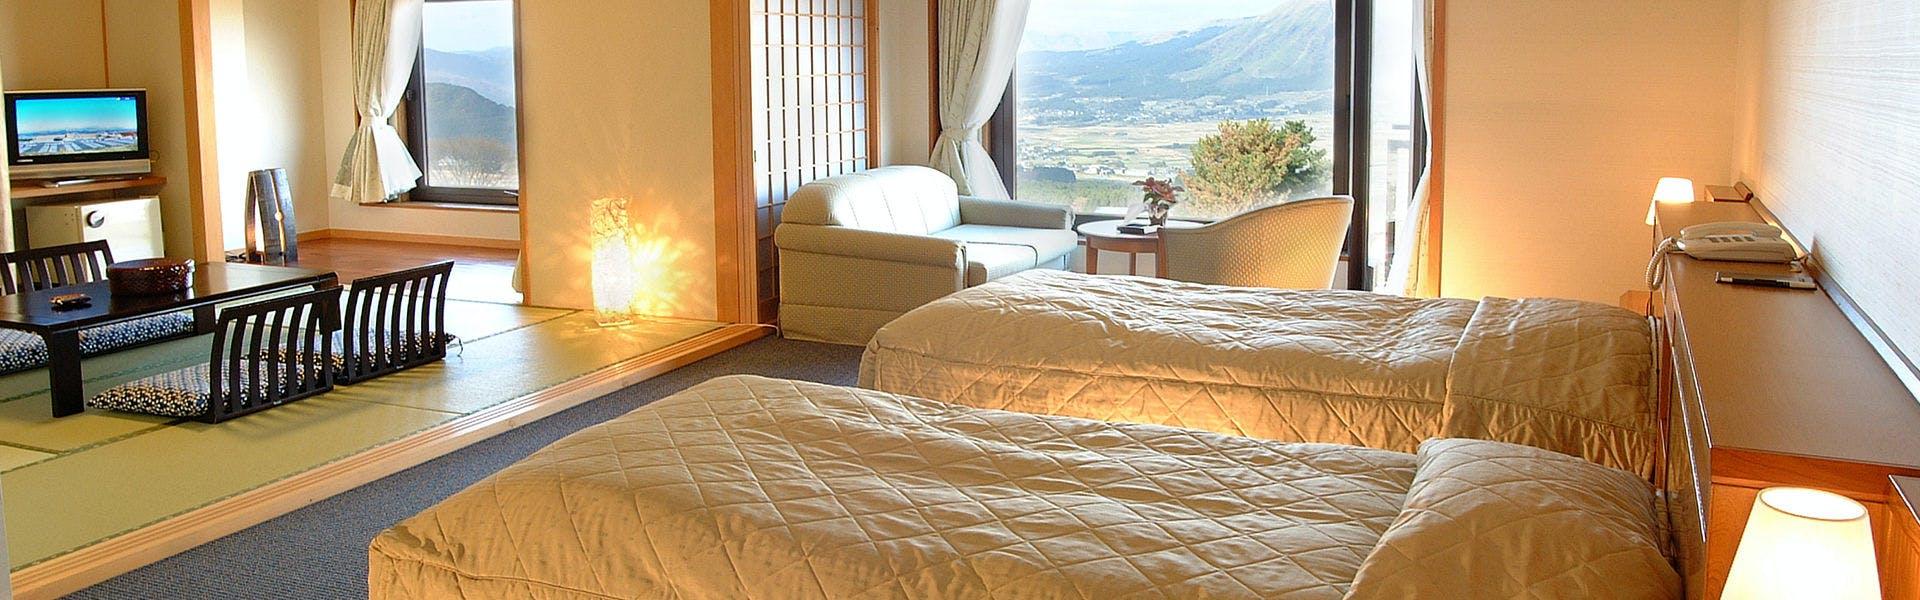 記念日におすすめのホテル・【ホテルグリーンピア南阿蘇】の写真3